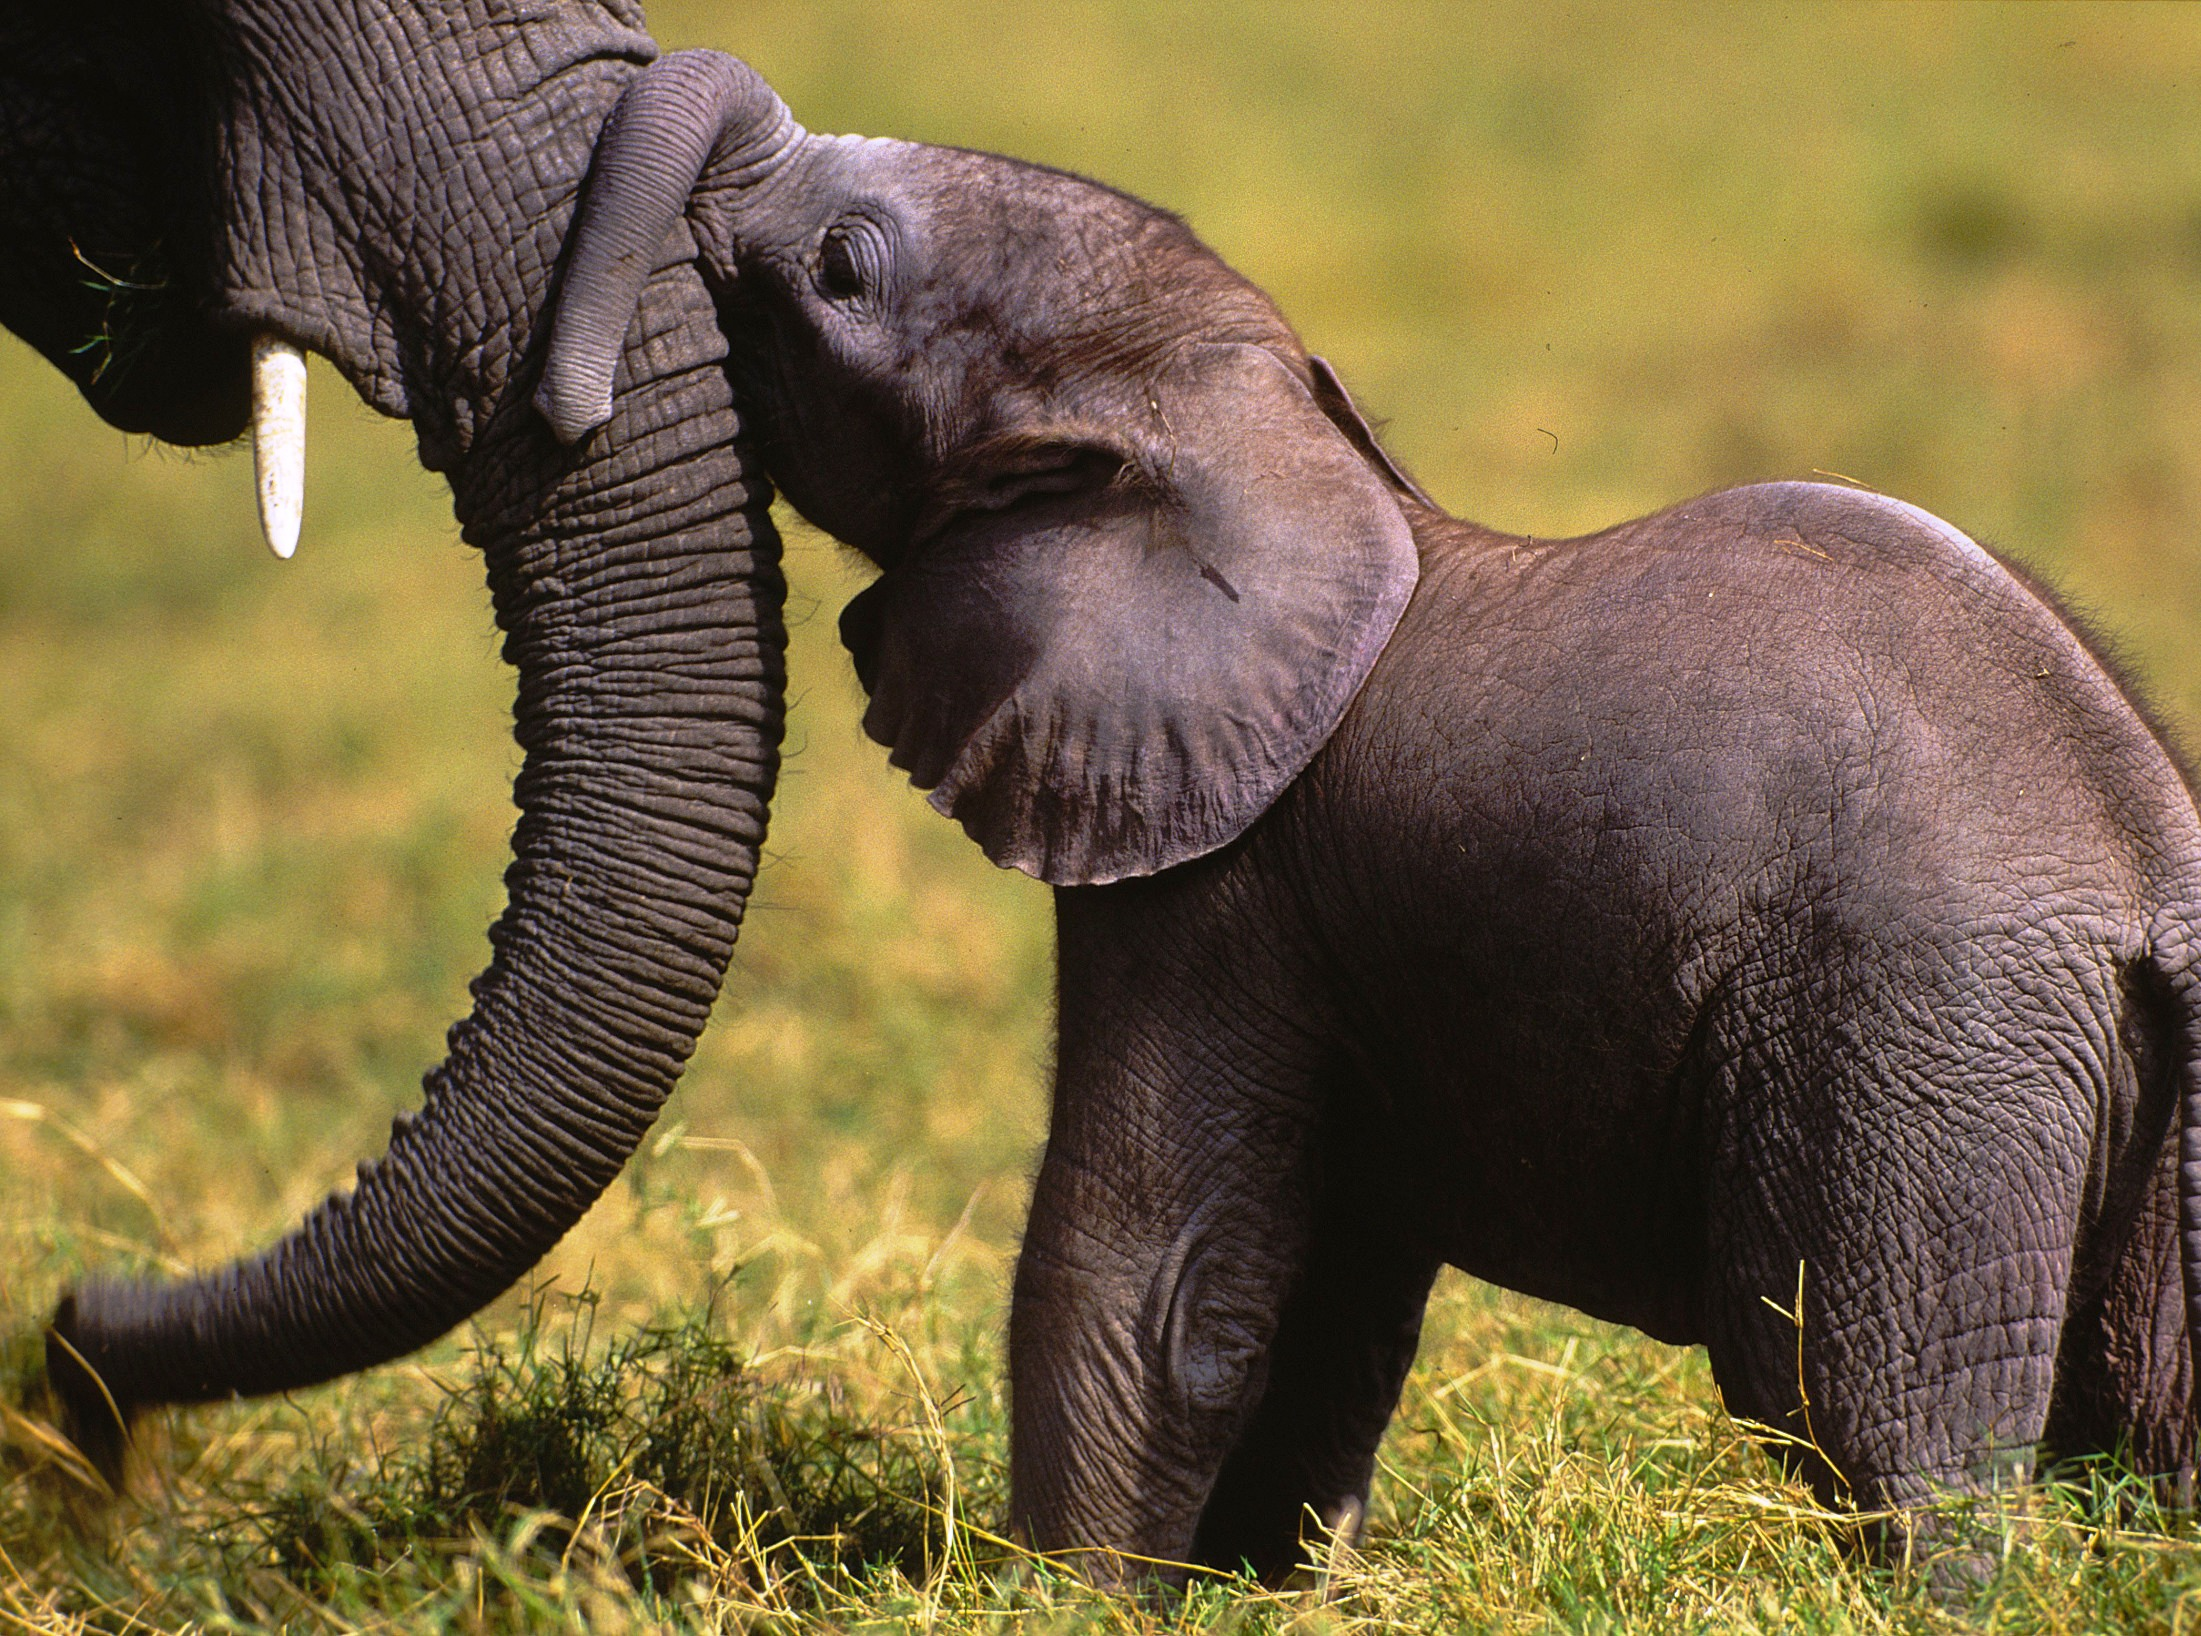 Al via campagna internazionale contro commercio illegale di fauna selvatica